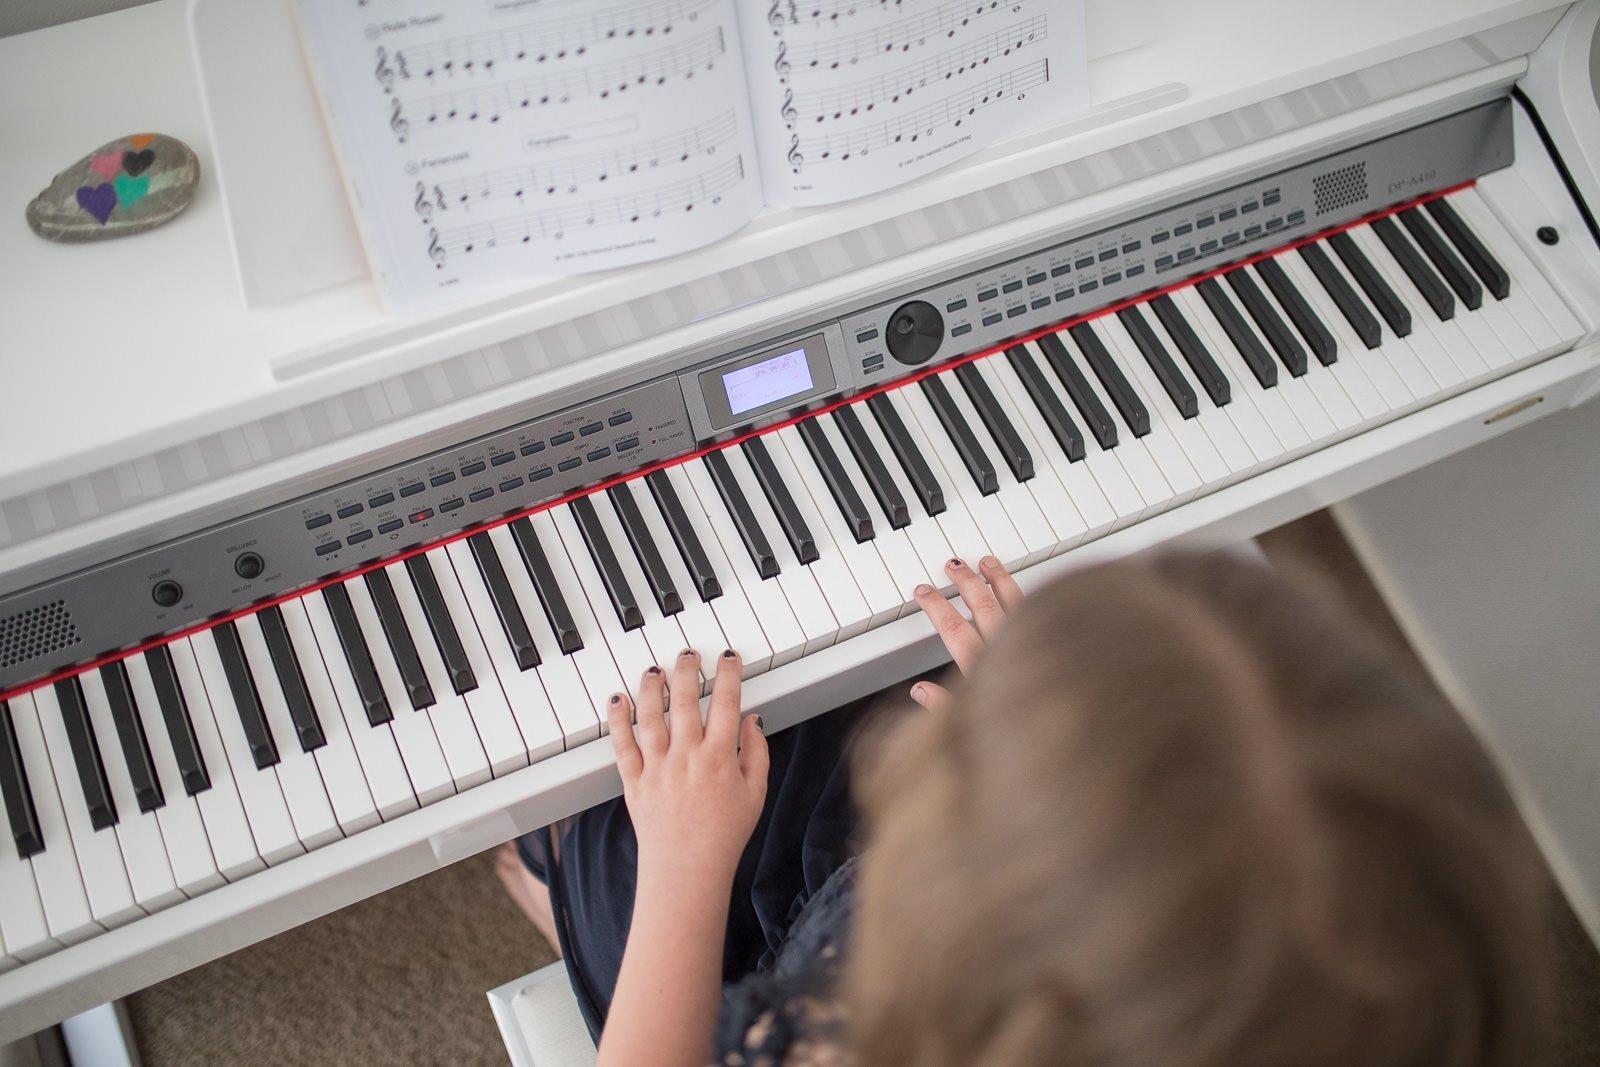 epiano statt Klavier für kinder